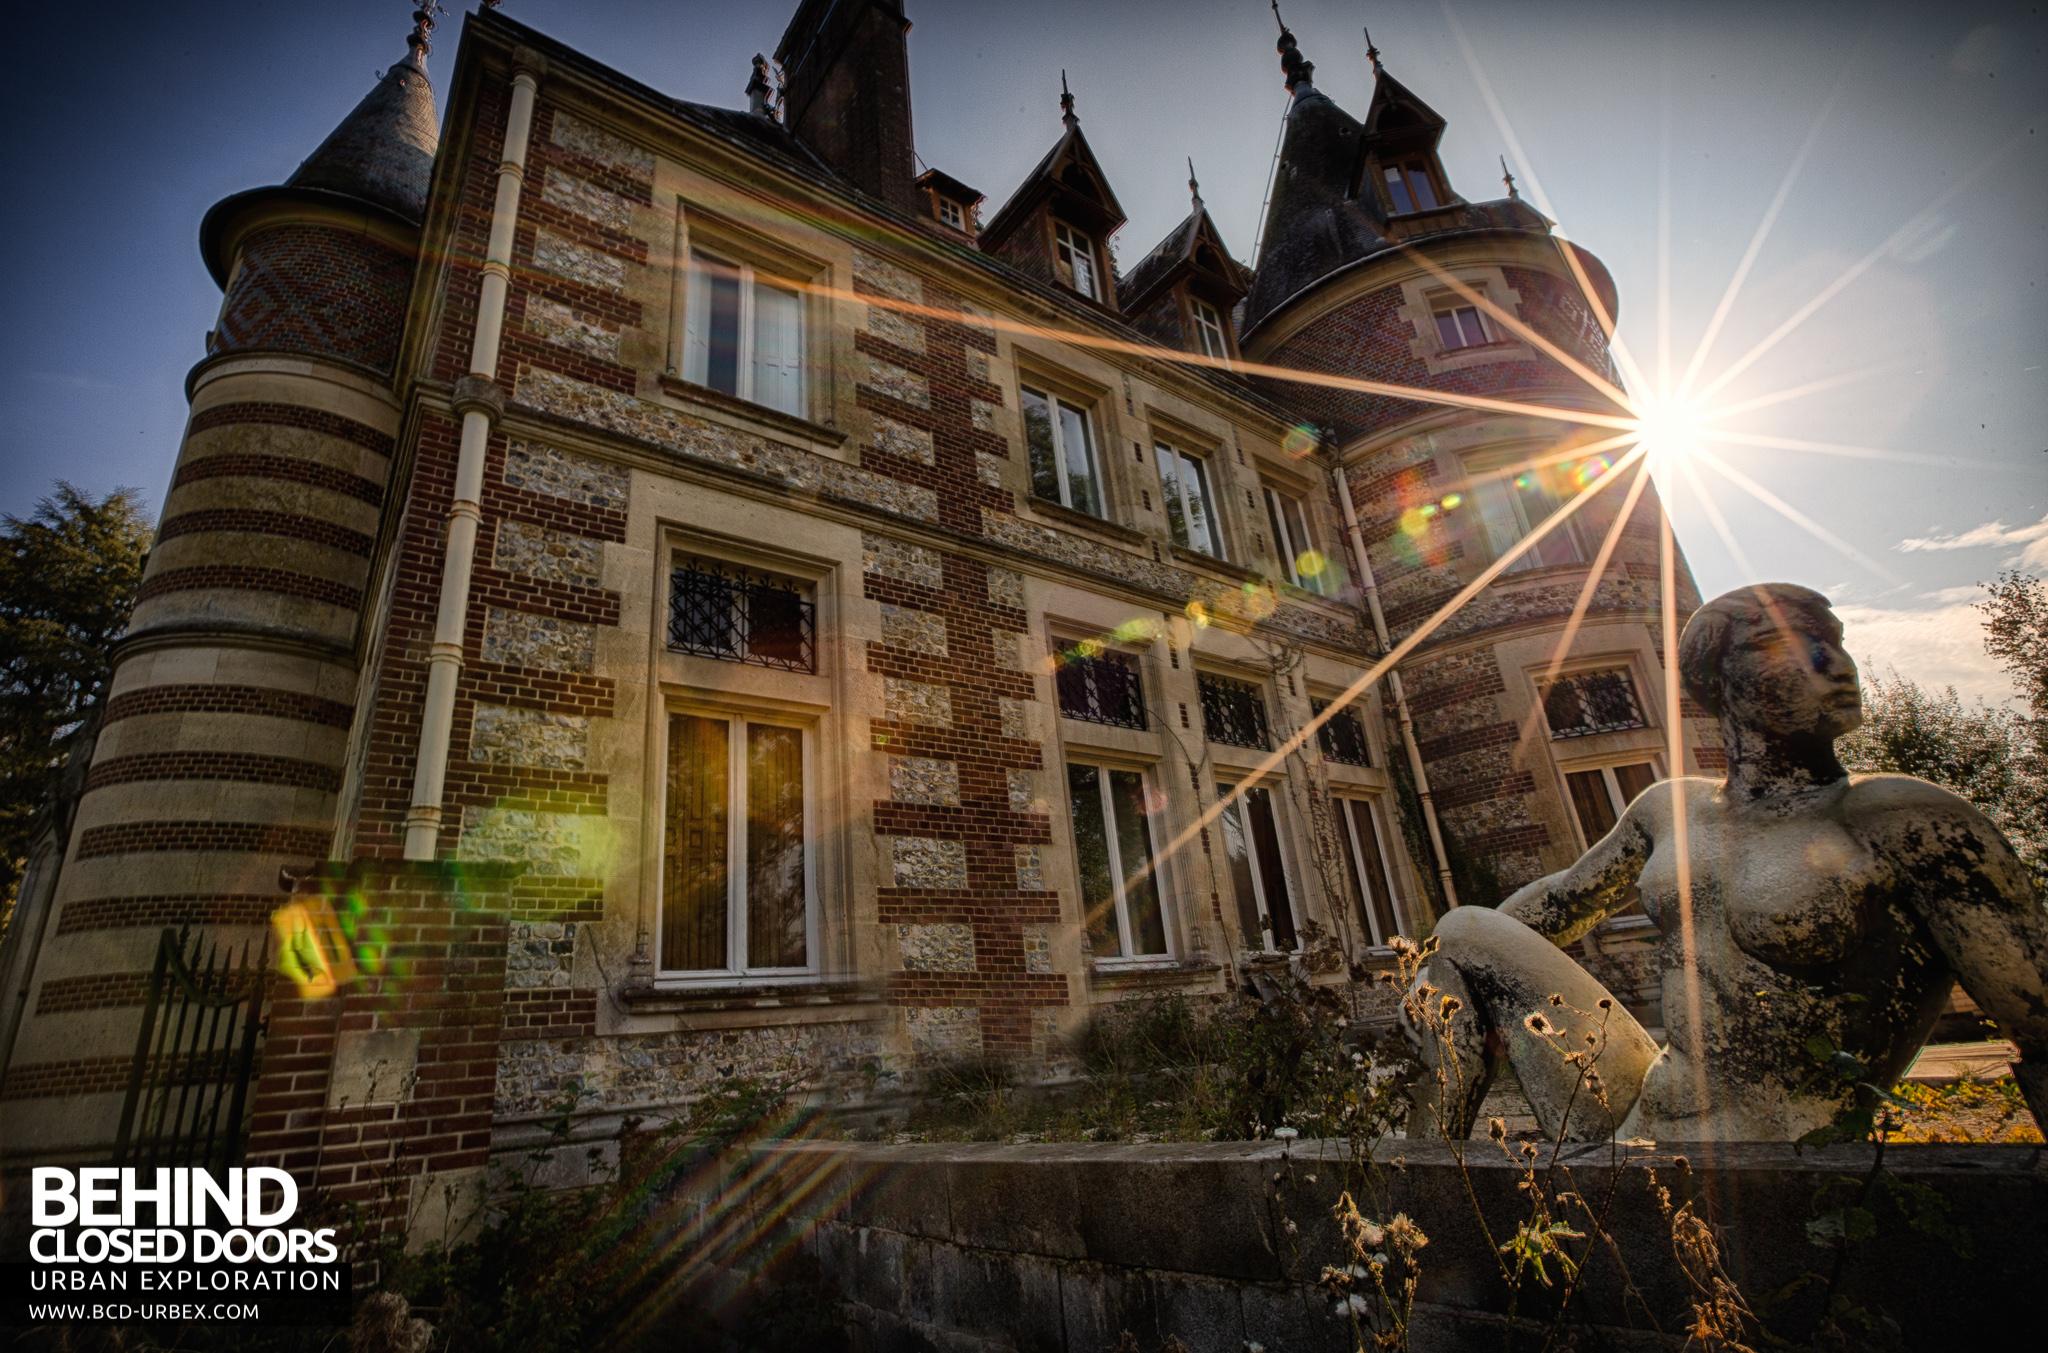 Un Chateau Dans Les Nuages château sous les nuages, france » urbex   behind closed